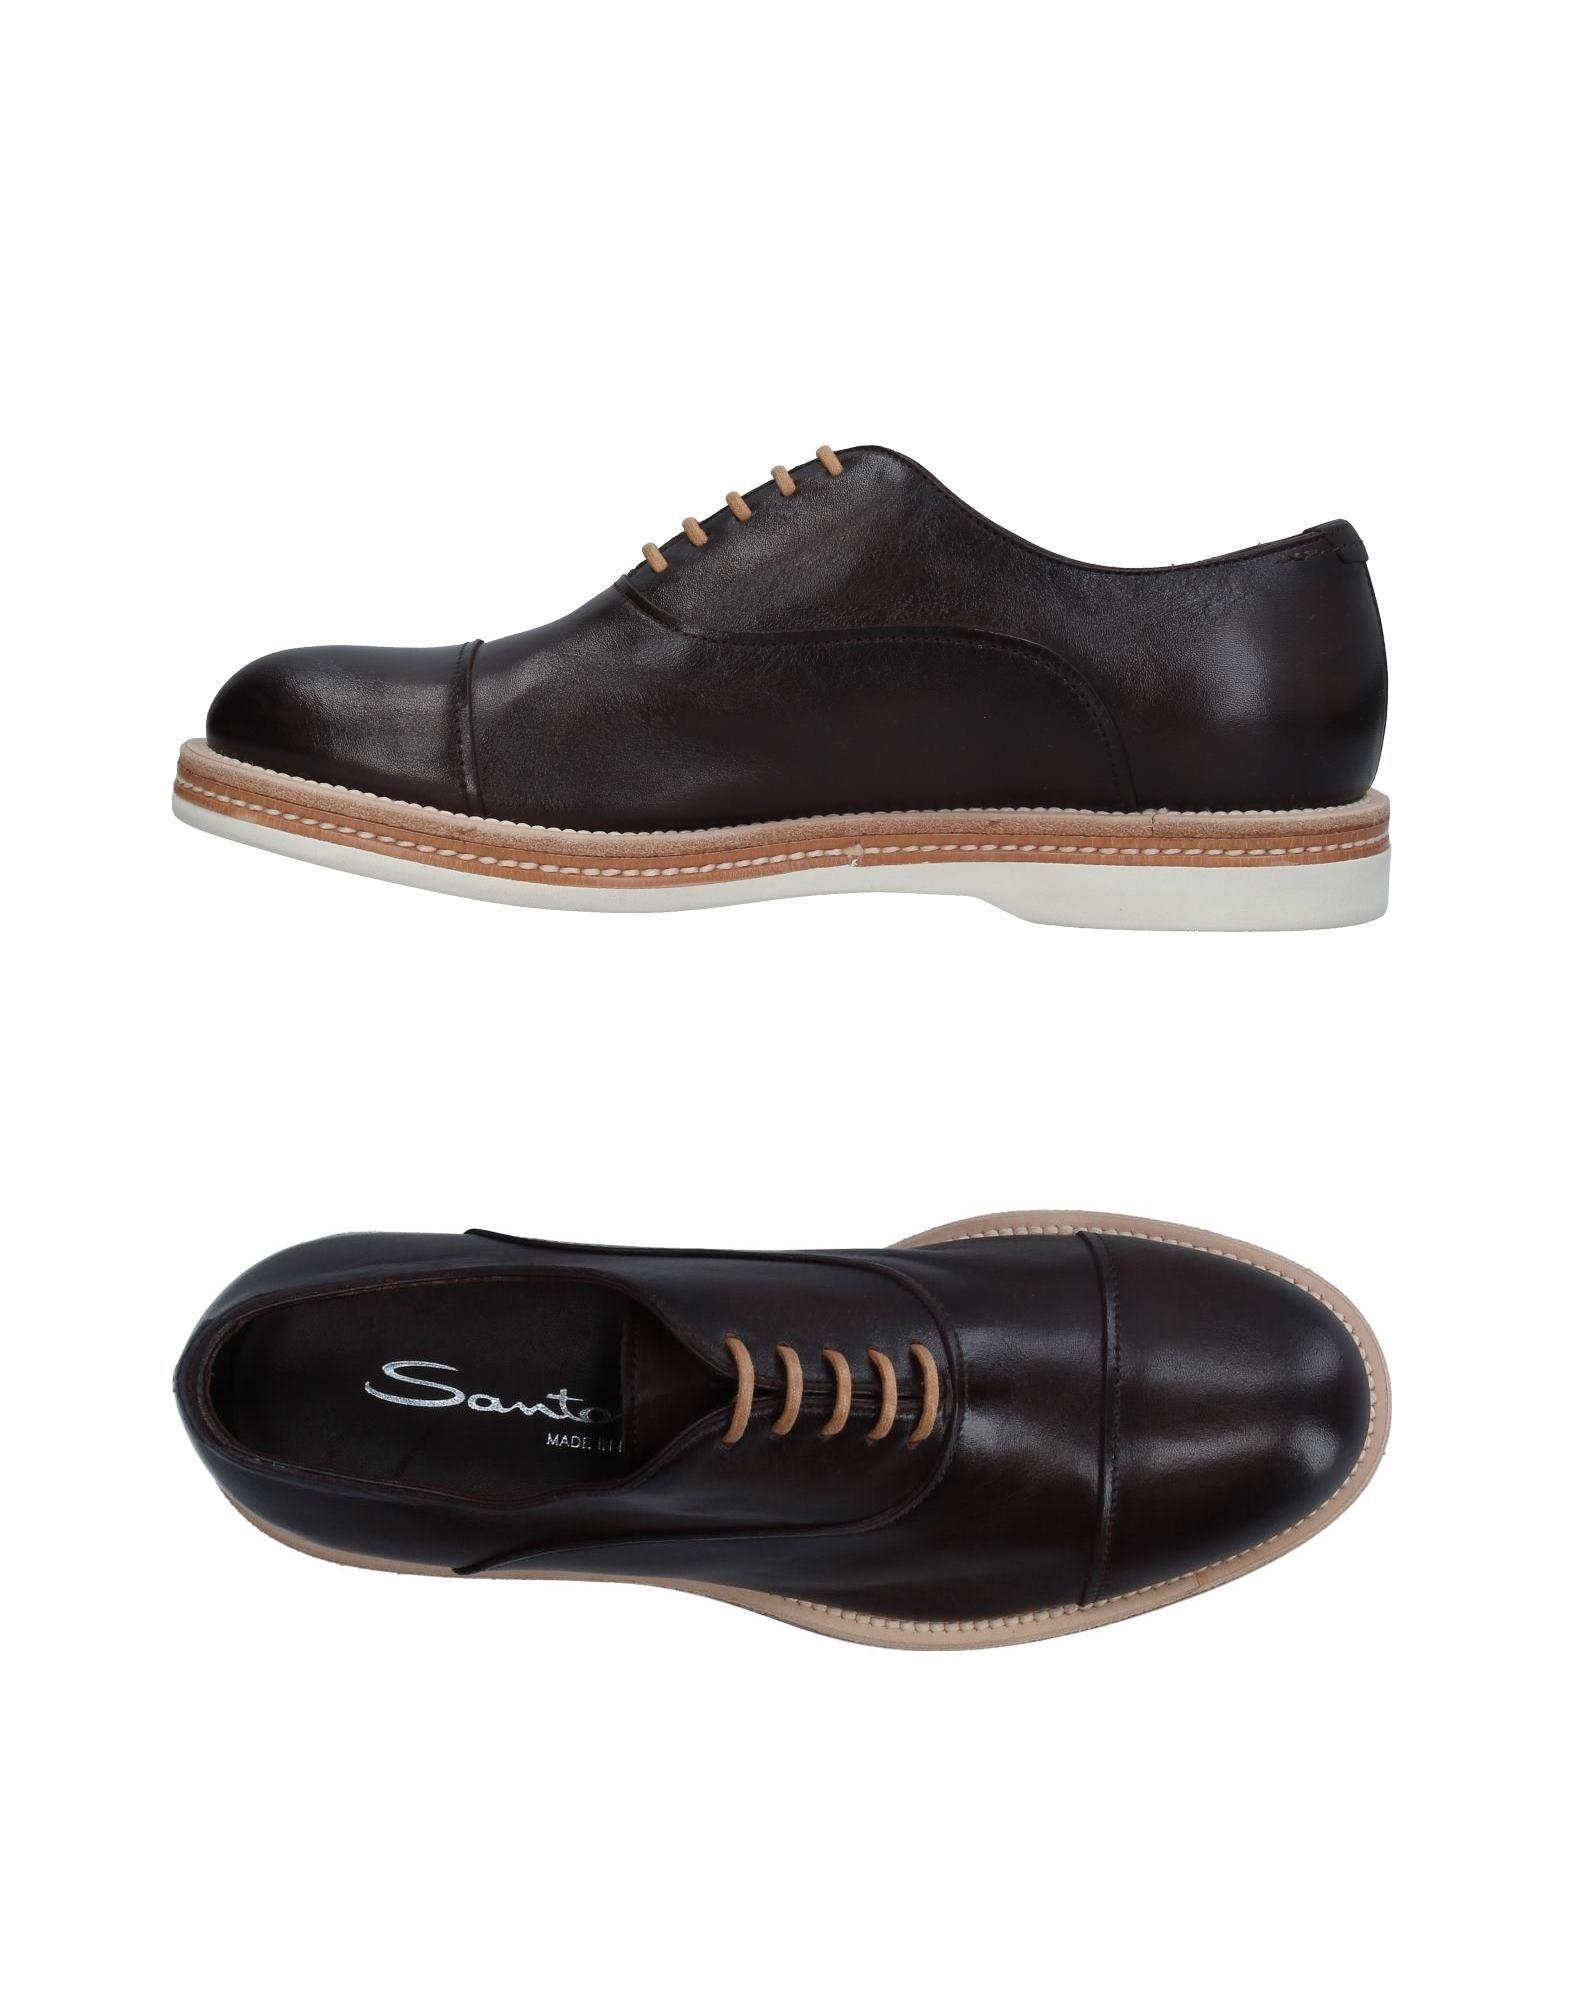 Santoni Schnürschuhe Herren  11319416PH Gute Qualität beliebte Schuhe